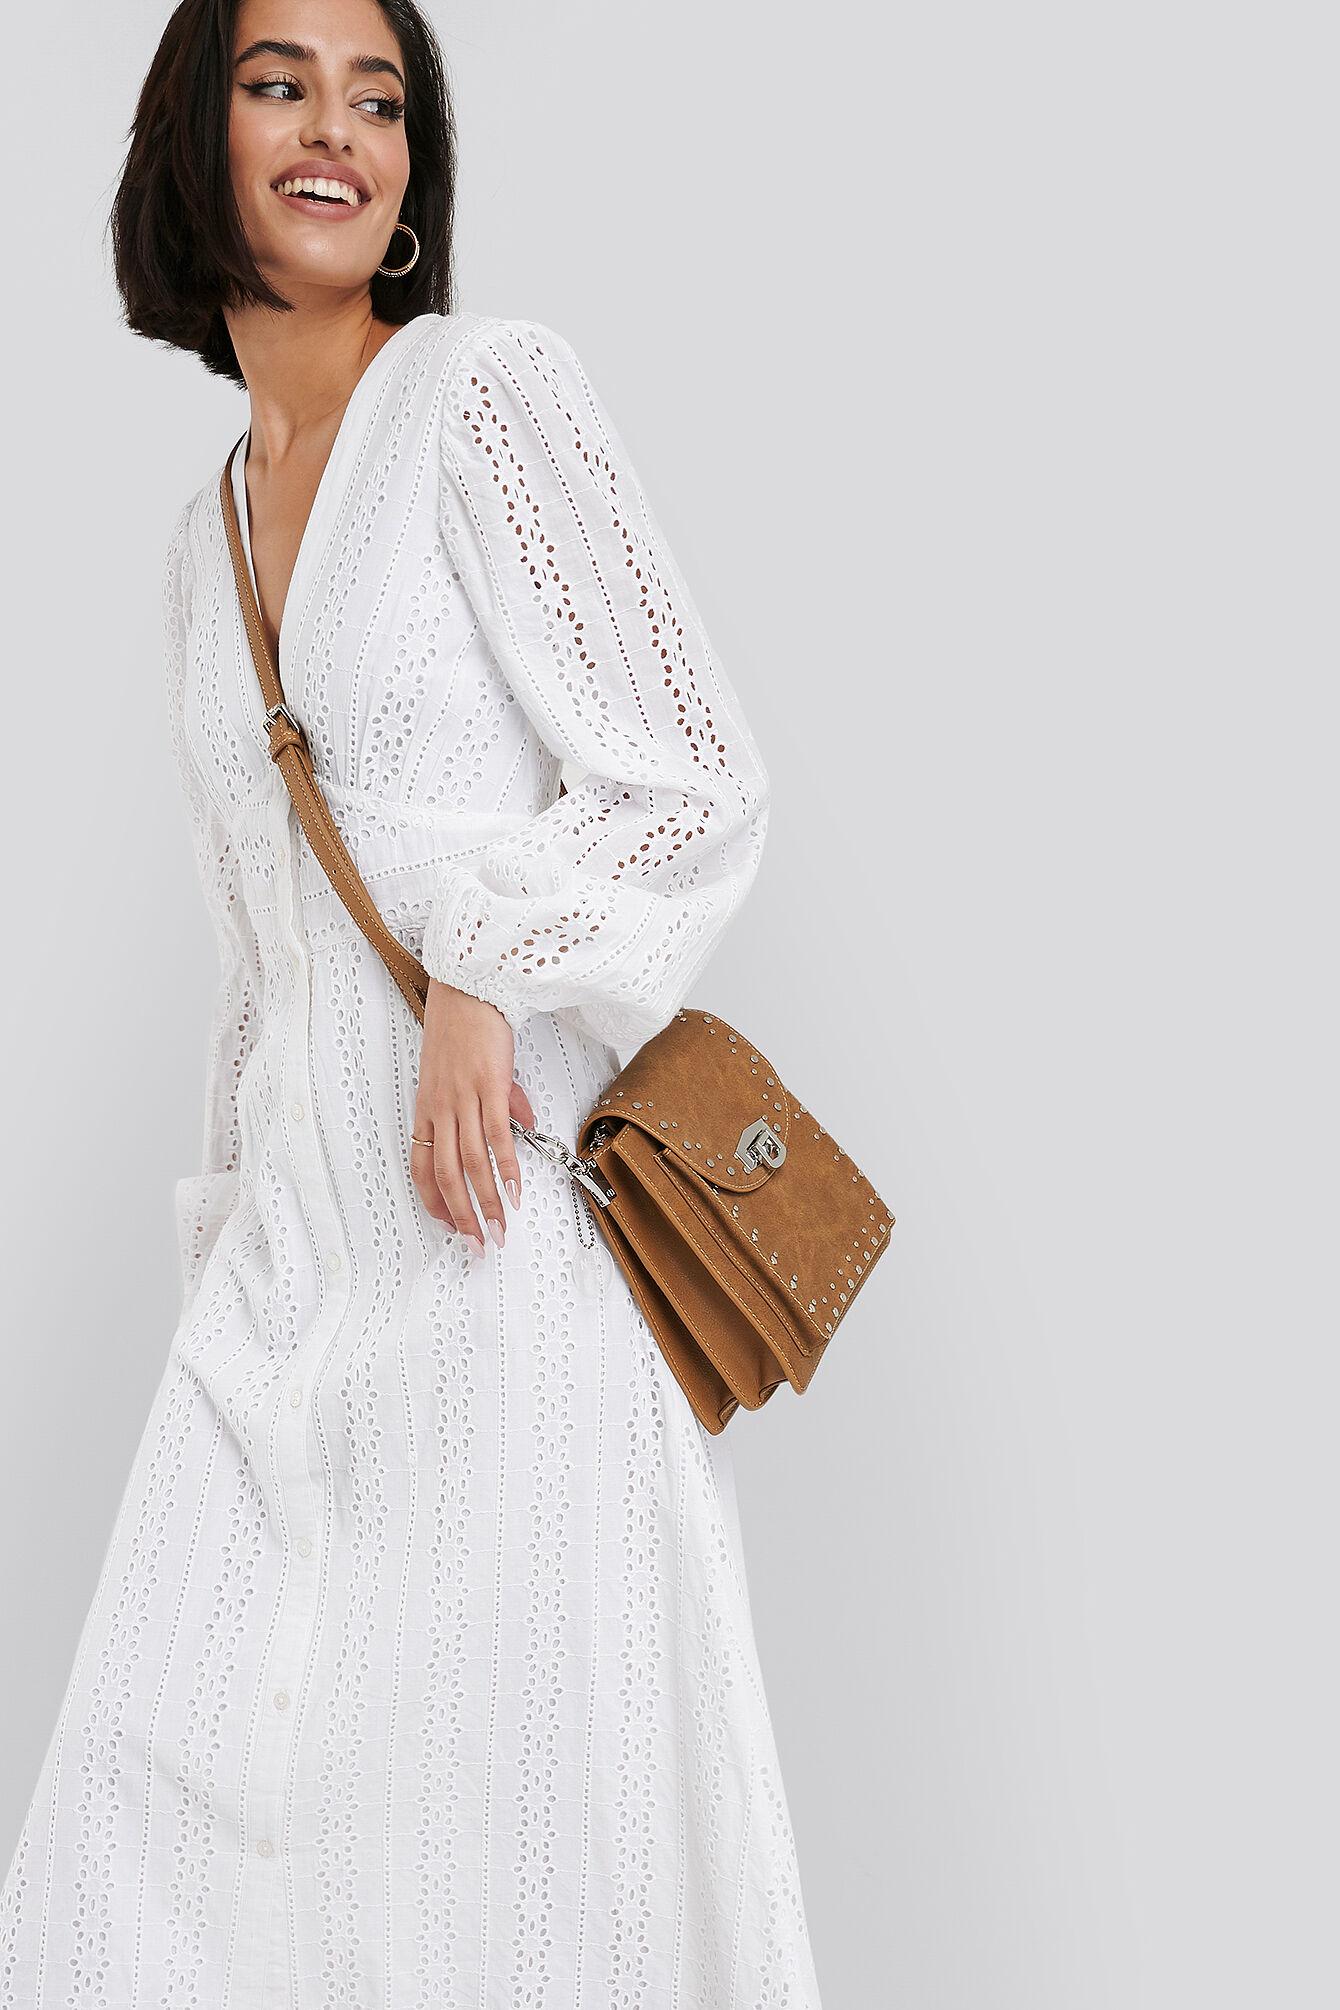 NA-KD Accessories Studded Shoulder Bag - Brown